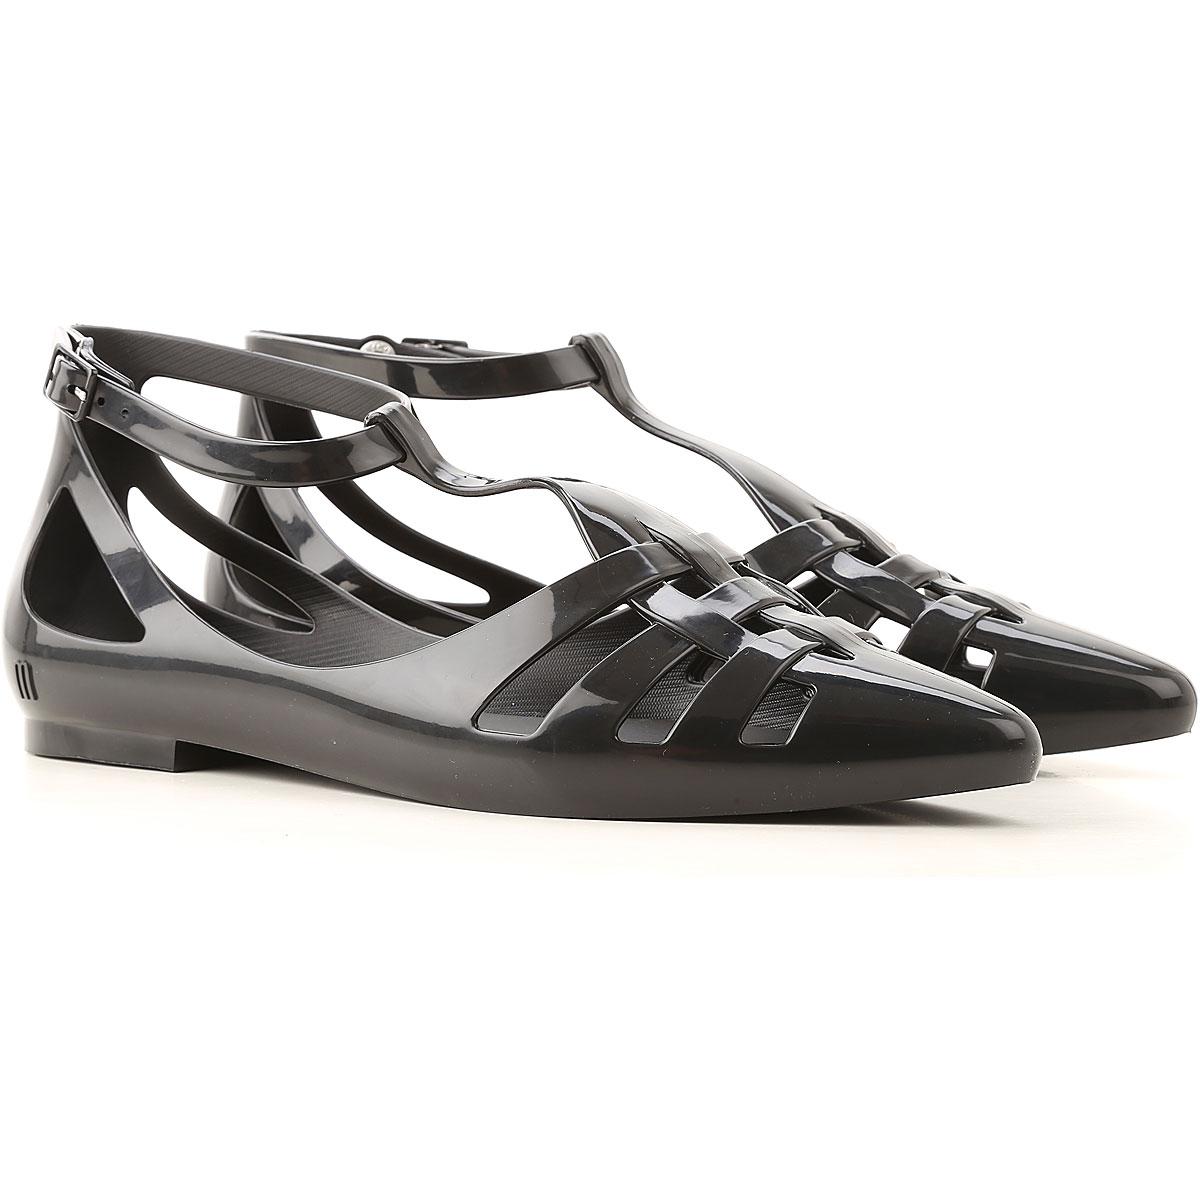 Melissa Sandals for Women On Sale, Black, PVC, 2019, USA 5 - EUR 35/36 USA 6 - EUR 37 USA 7 - EUR 38 USA 8 - EUR 39 USA 9 - EUR 40